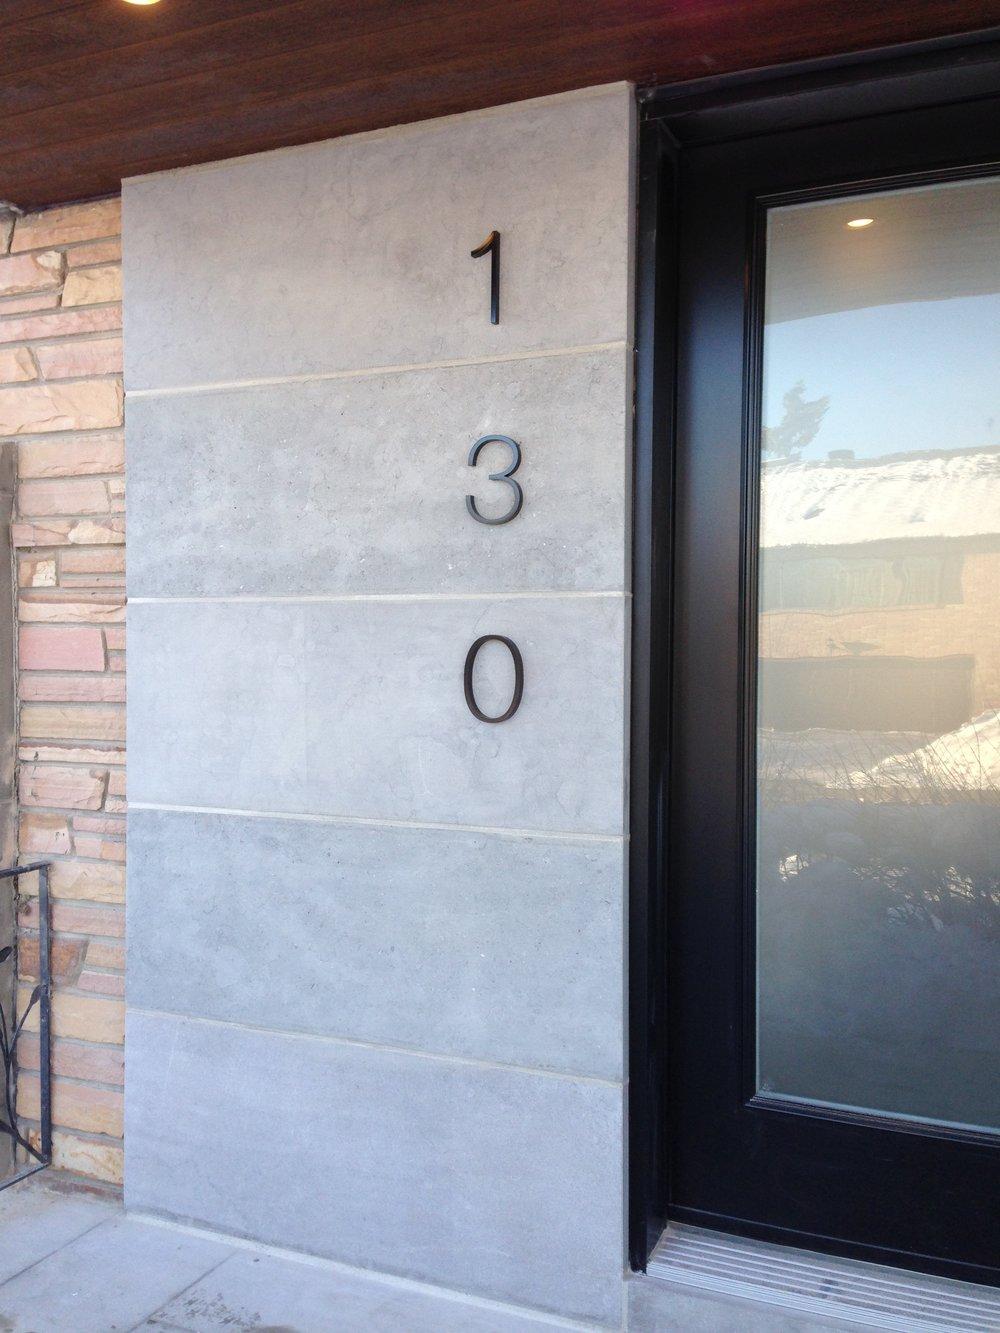 130 - L'espace négatif autour des grands chiffres donne une apparence minimaliste à l'adresse tout en étant facilement visible de la rue.Matériau: aluminiumFini: émail cuit noir semi-lustré